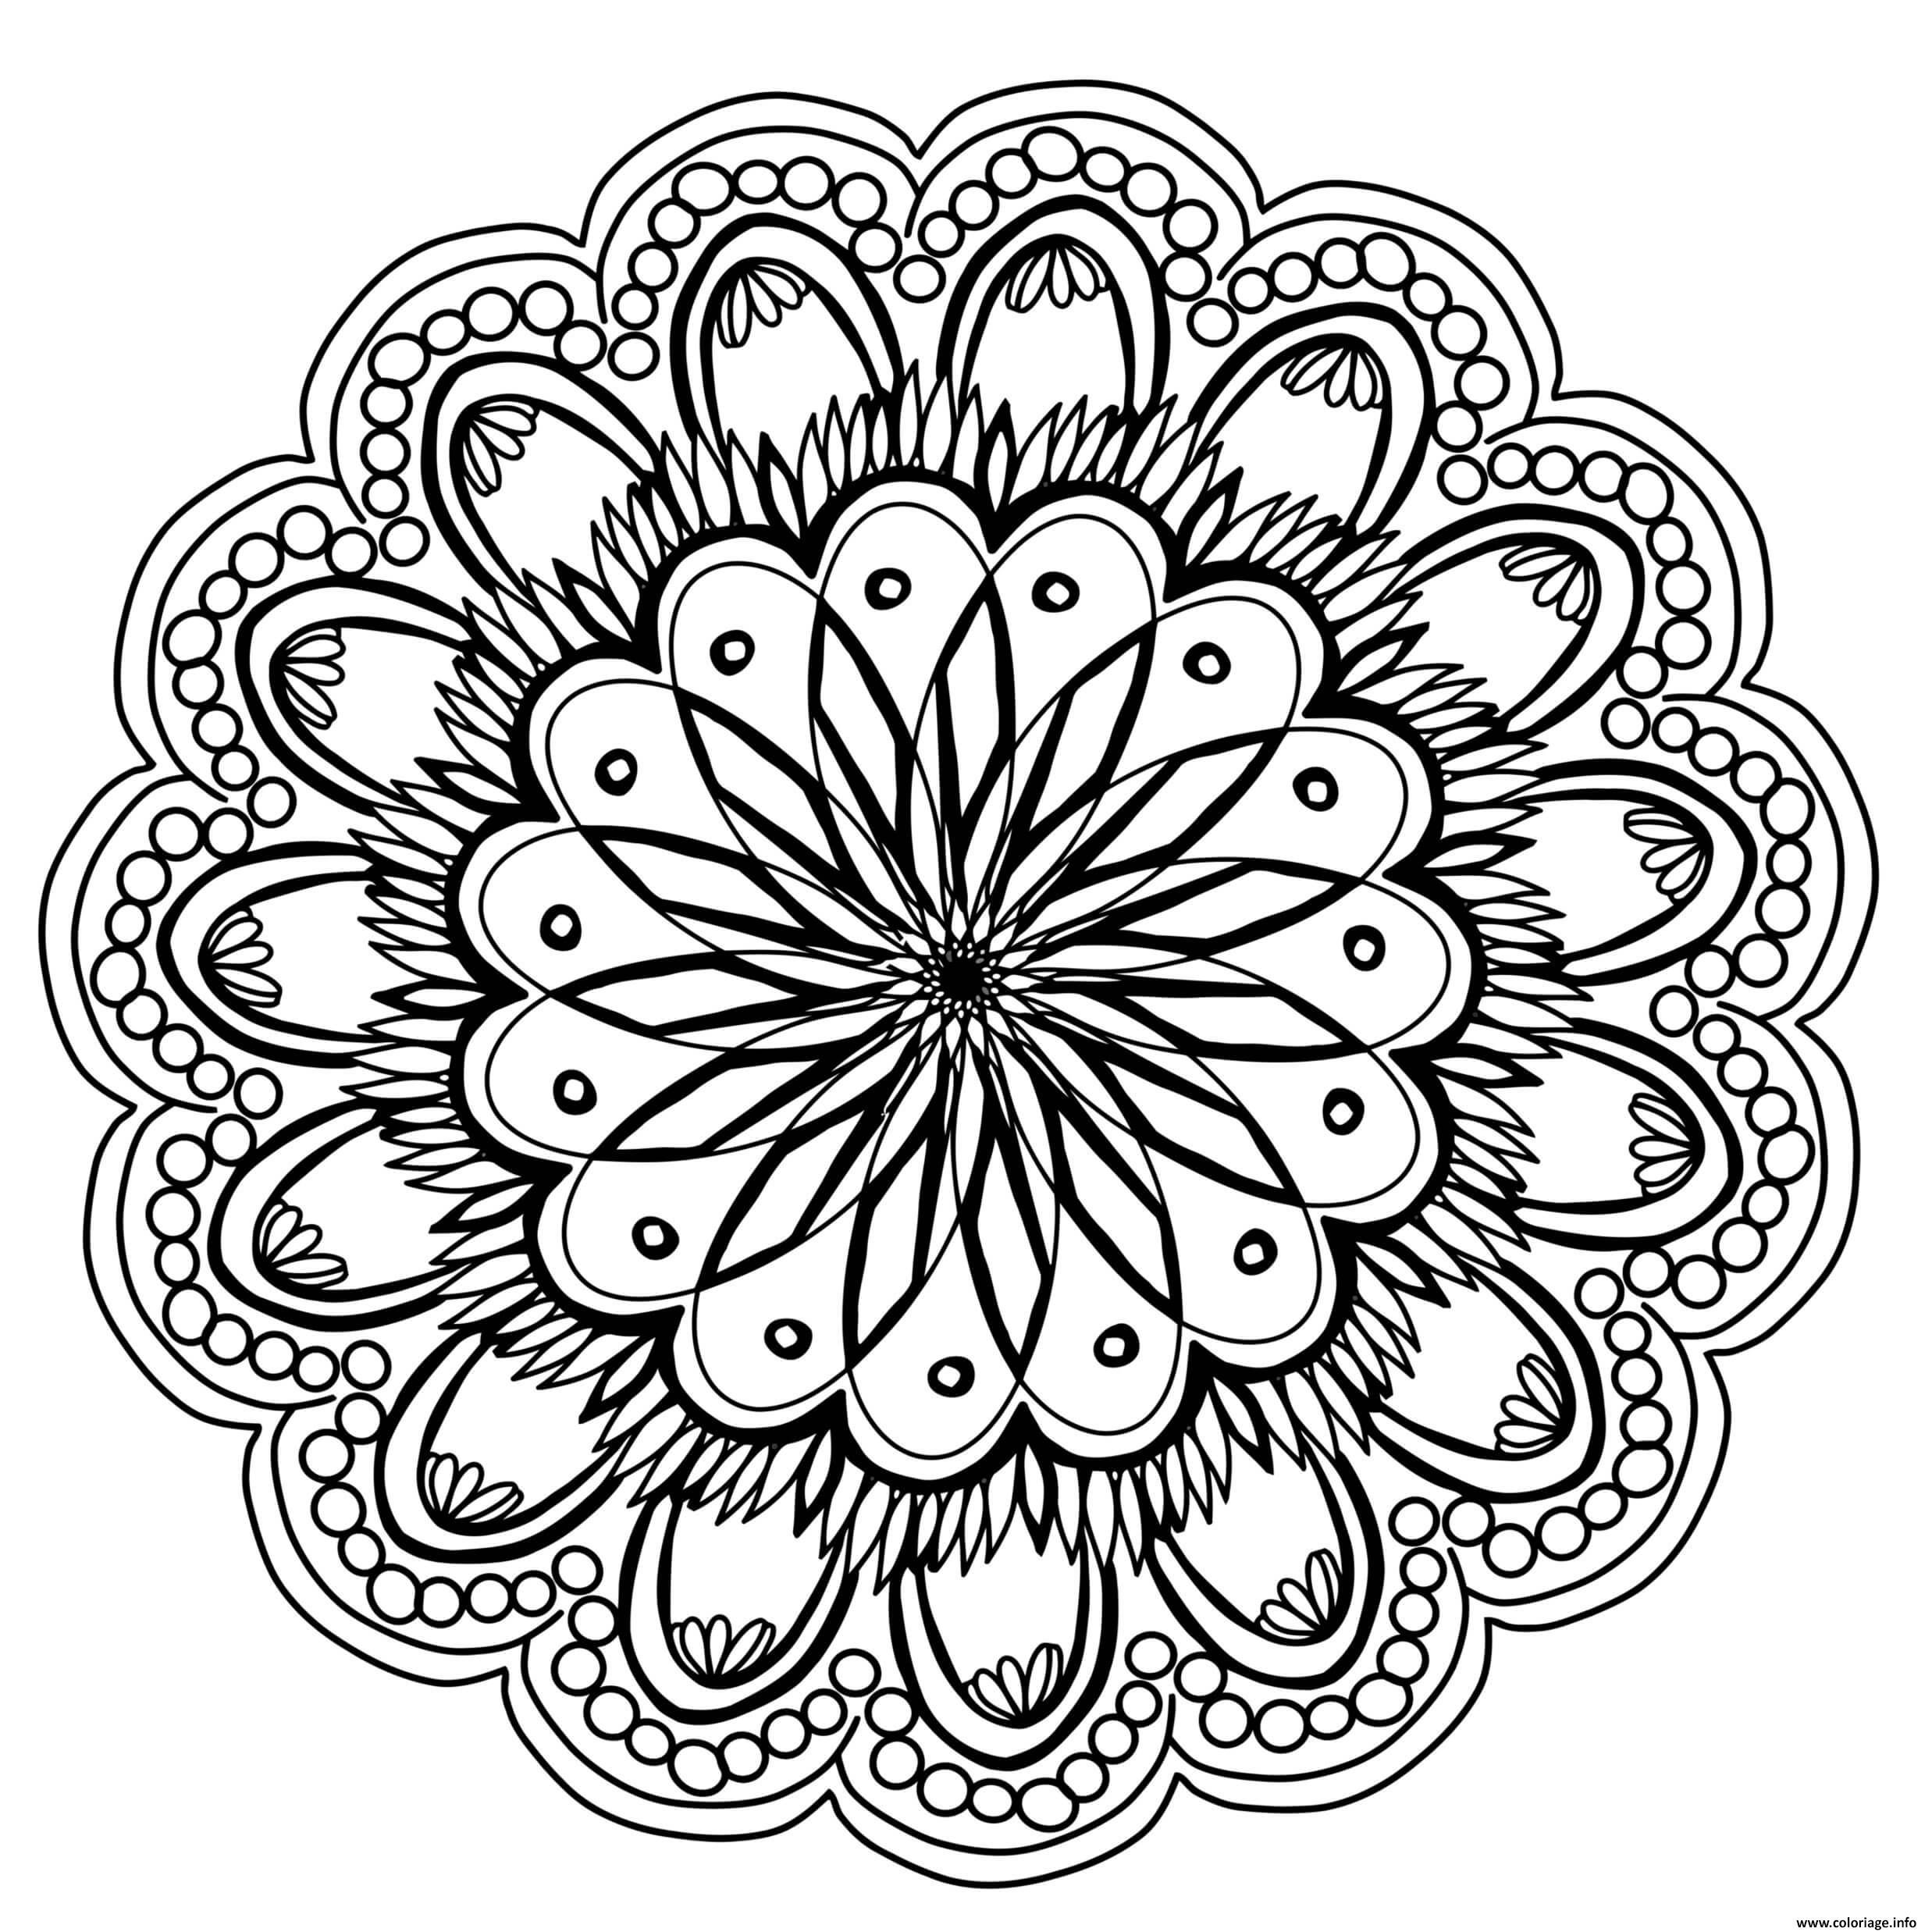 Coloriage flowers mandala fleurs 2018 dessin - Fleur coloriage a imprimer ...